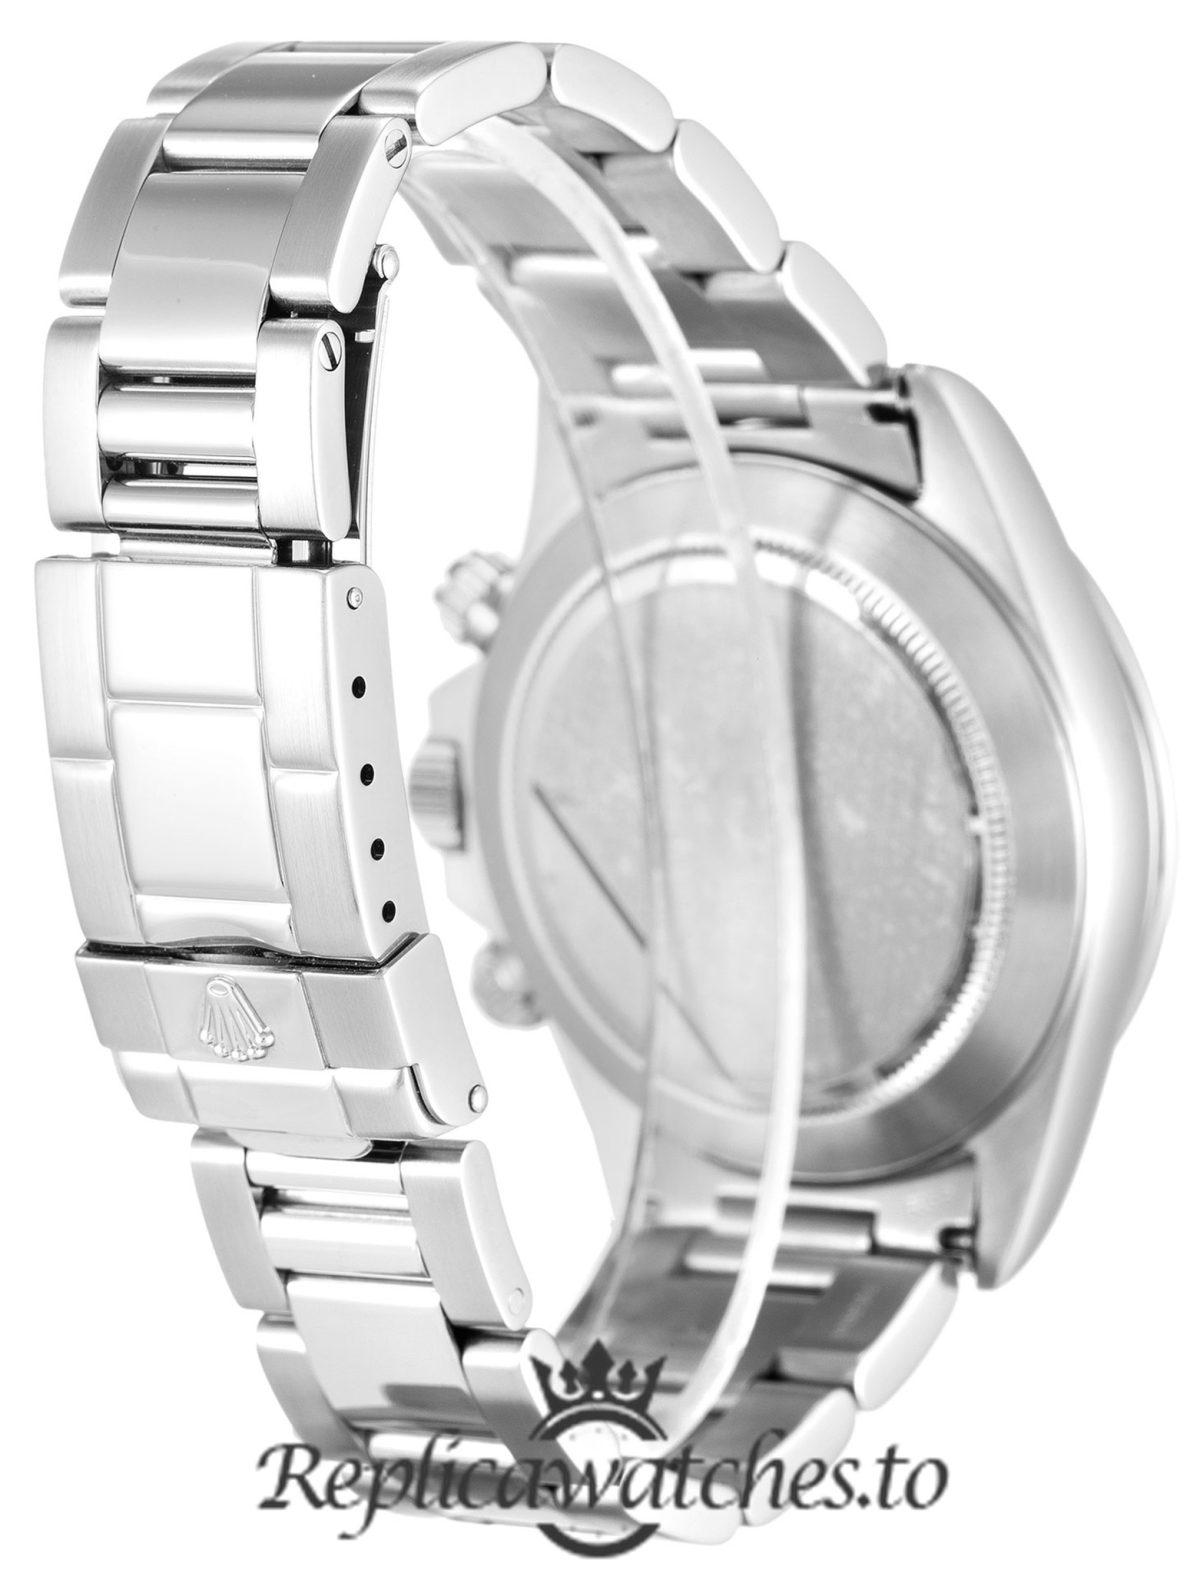 Rolex Daytona Replica 16520 001 Silver Strap 40MM